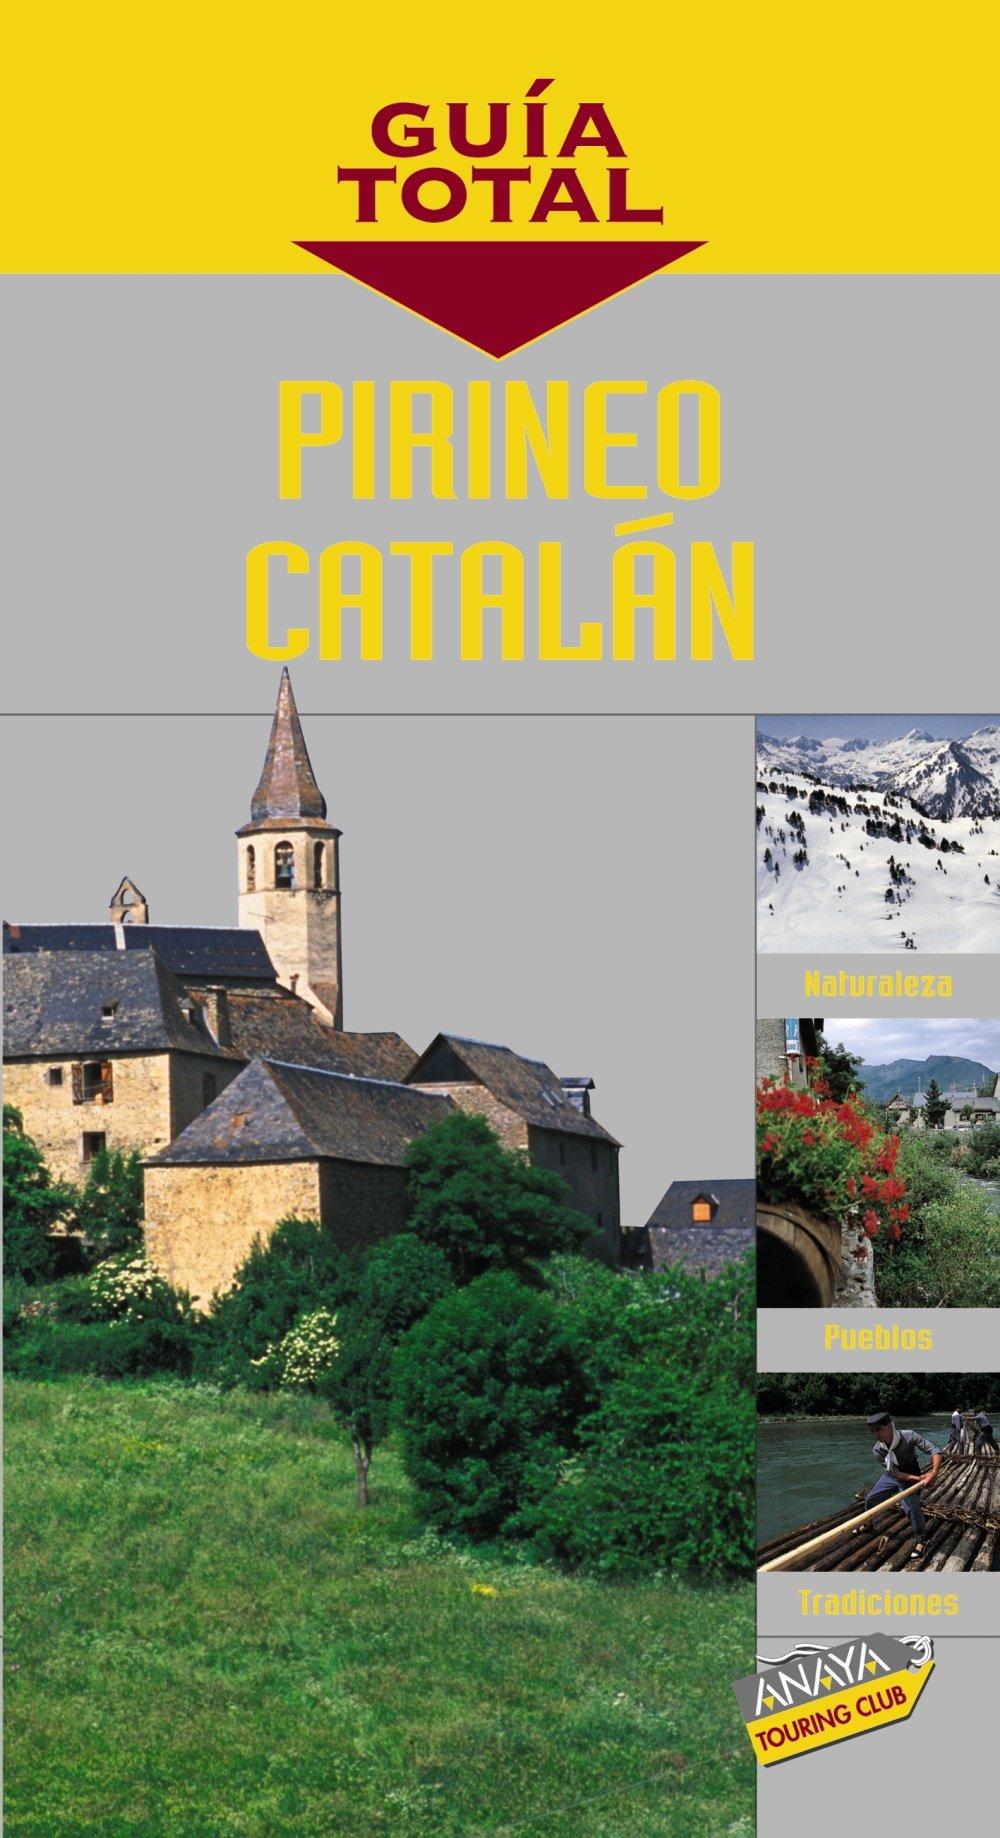 Pirineo Catalán (Guía Total - España): Amazon.es: Añó, Antoni: Libros